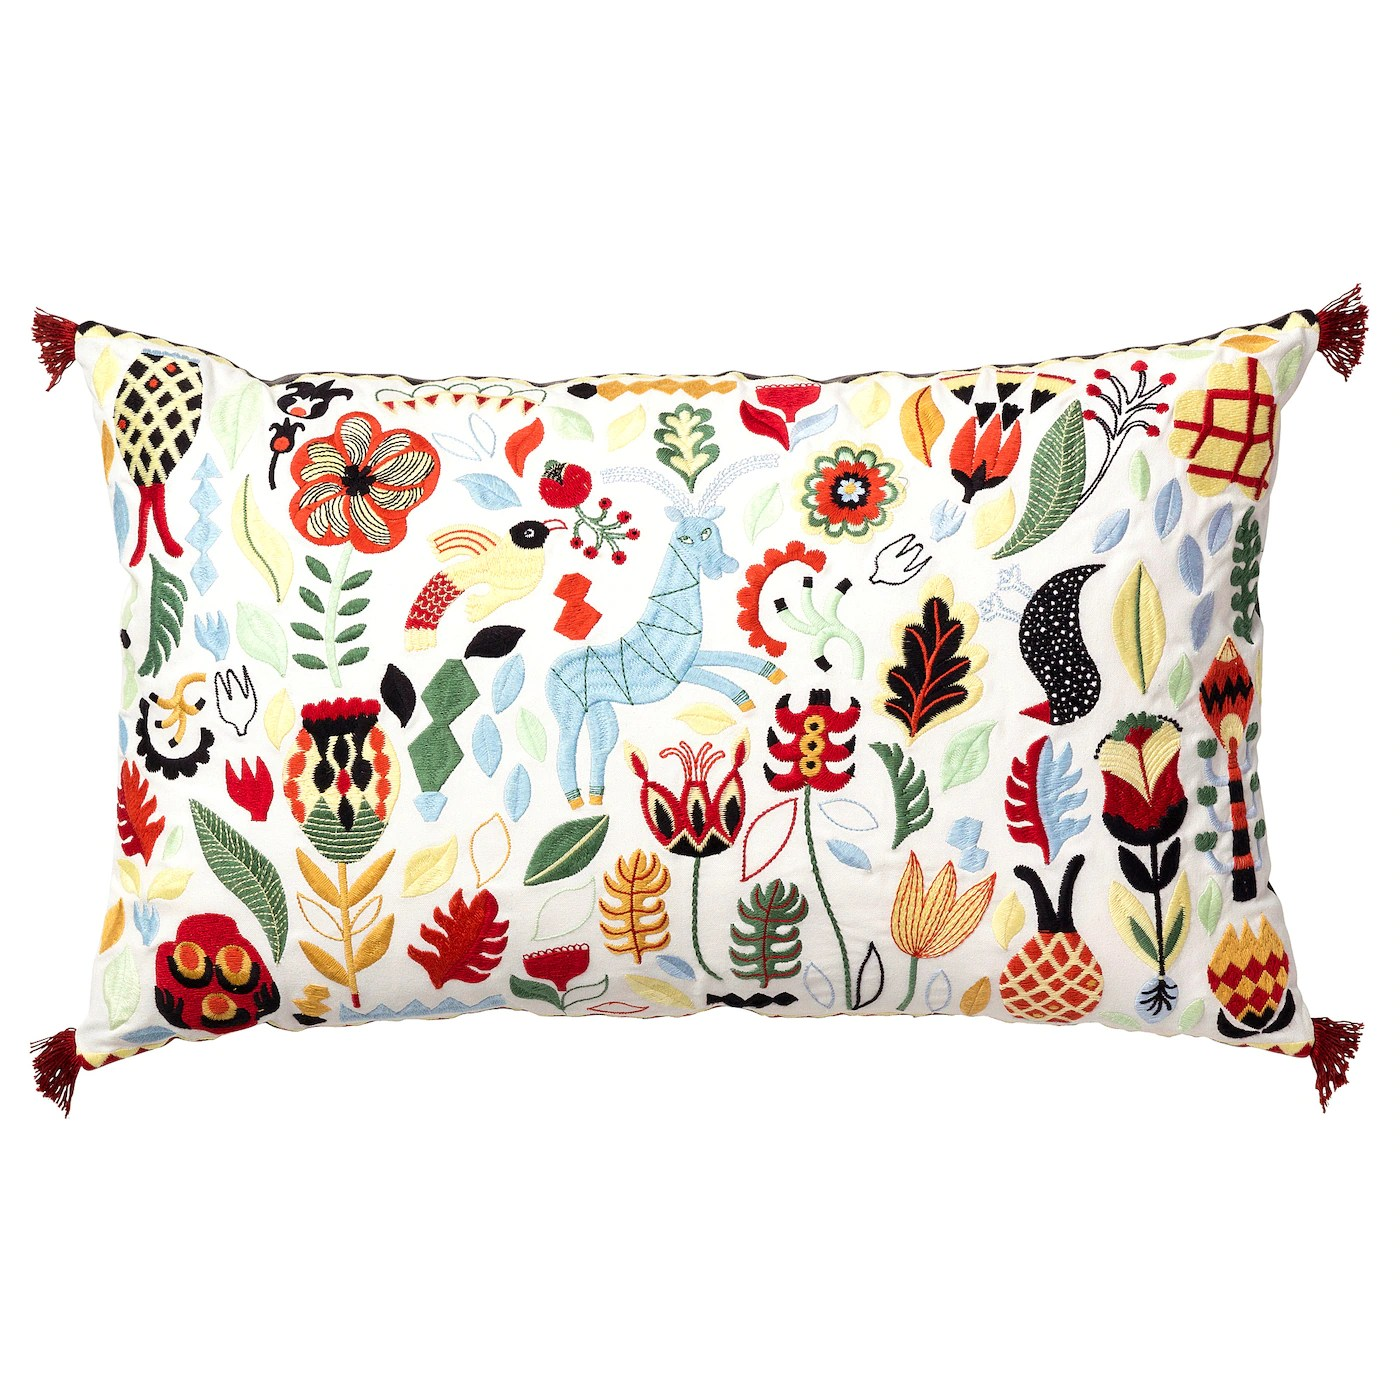 rodarv cushion multicolor 16x26